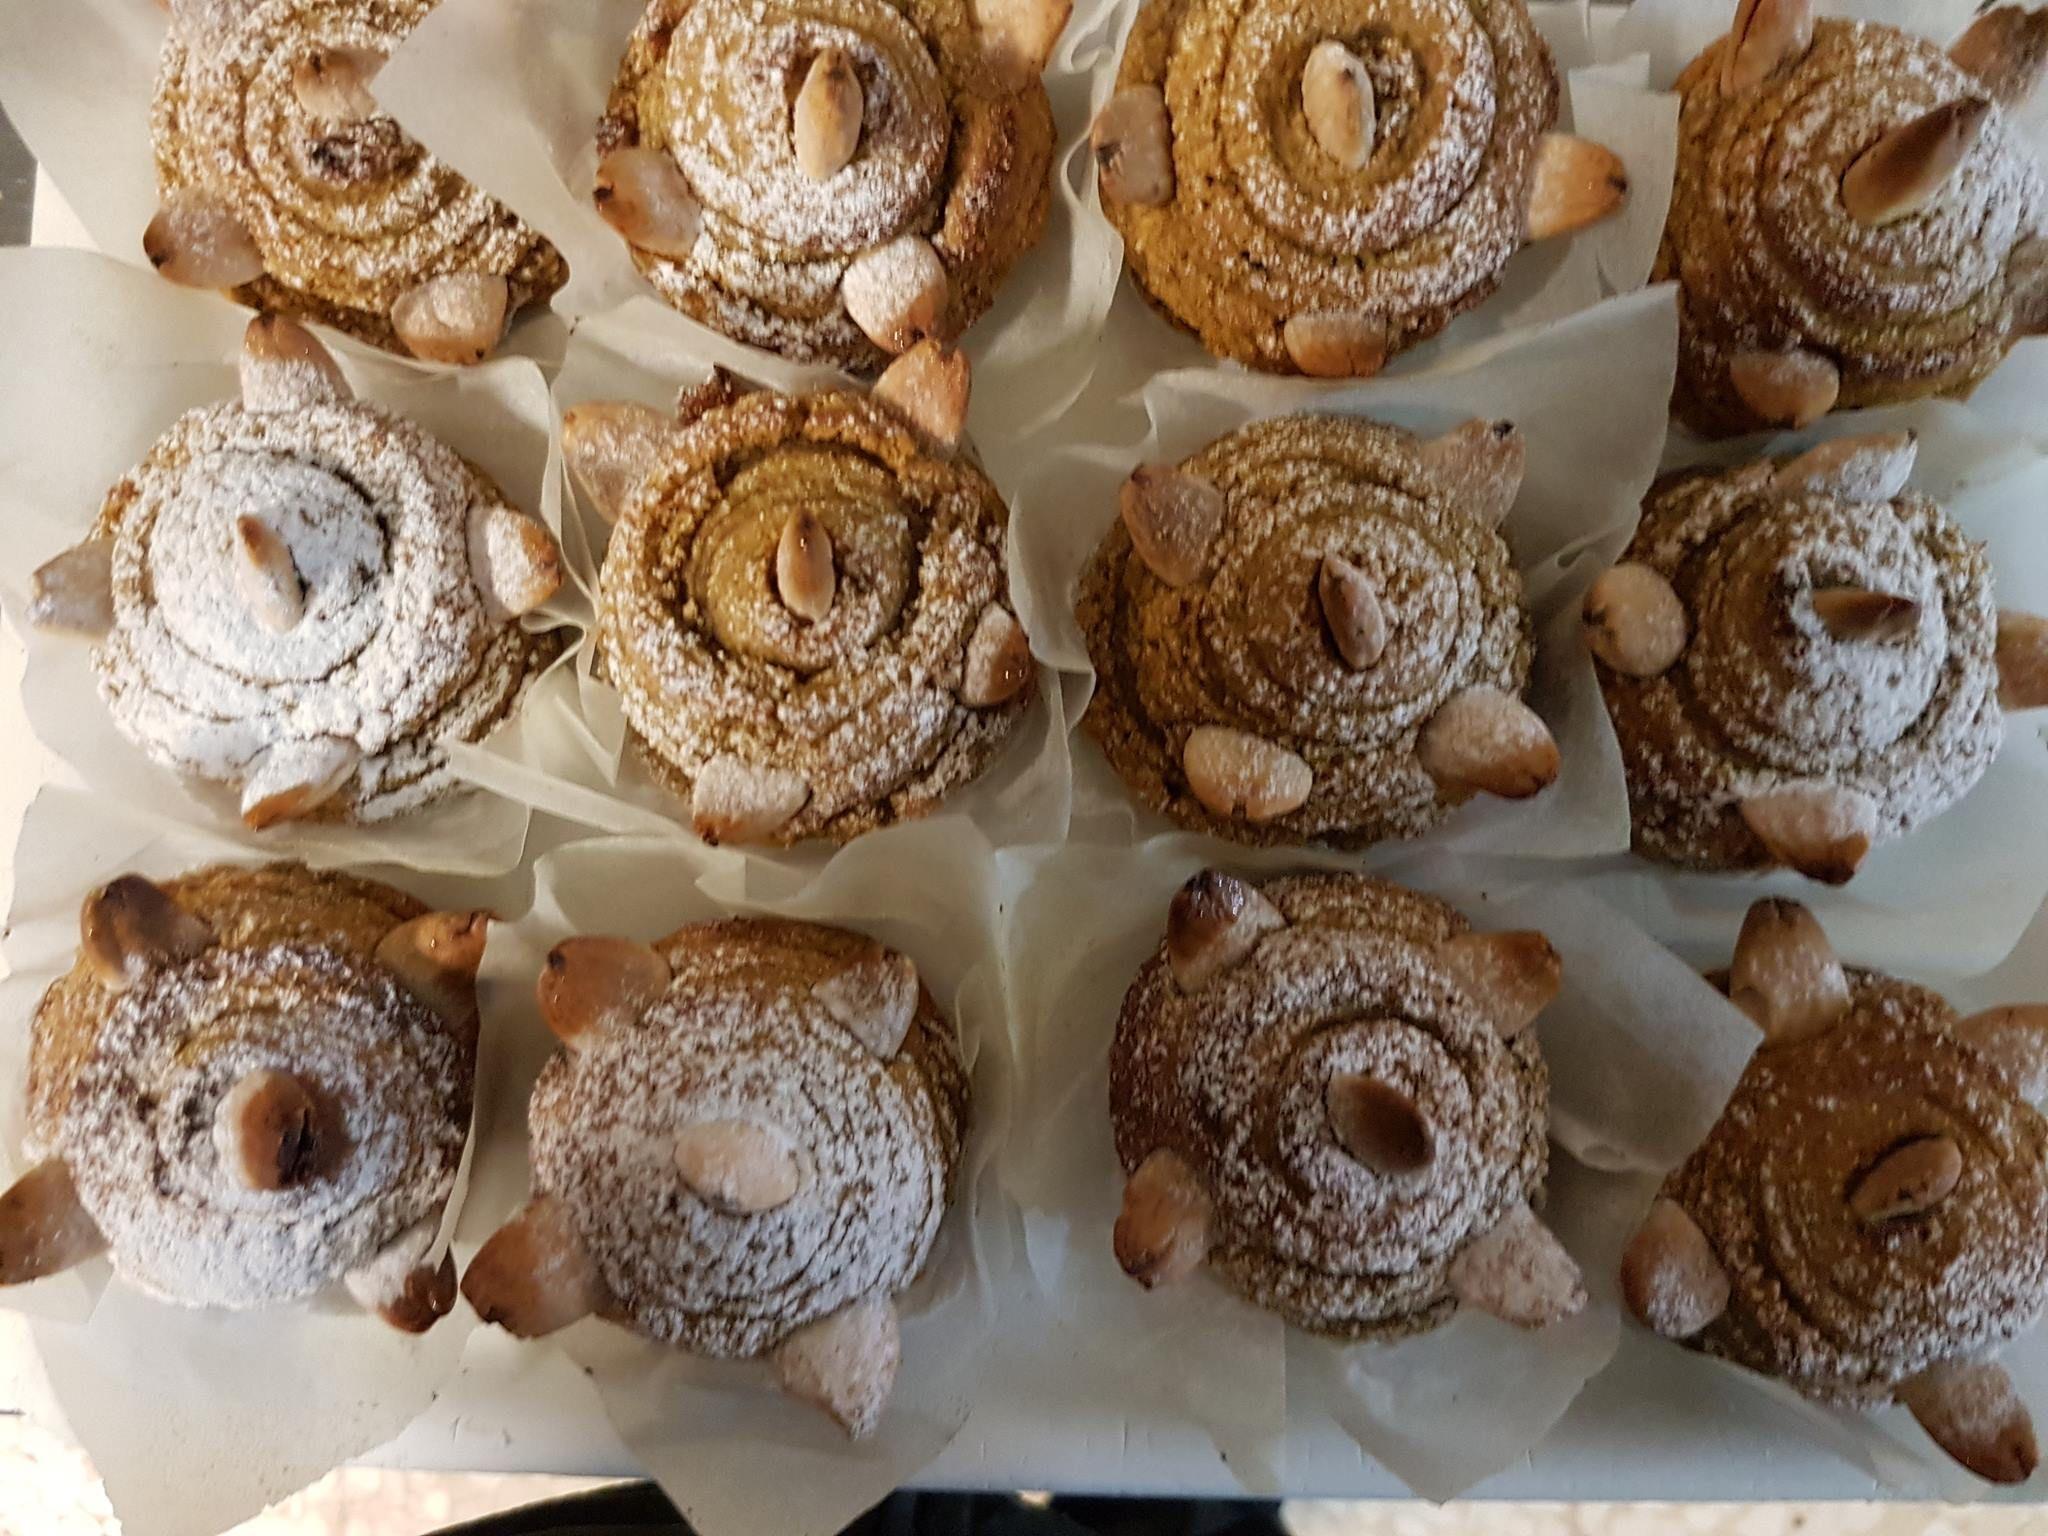 Foto 12 de Panaderías en València | Forn Pastisseria Tonet i Roseta